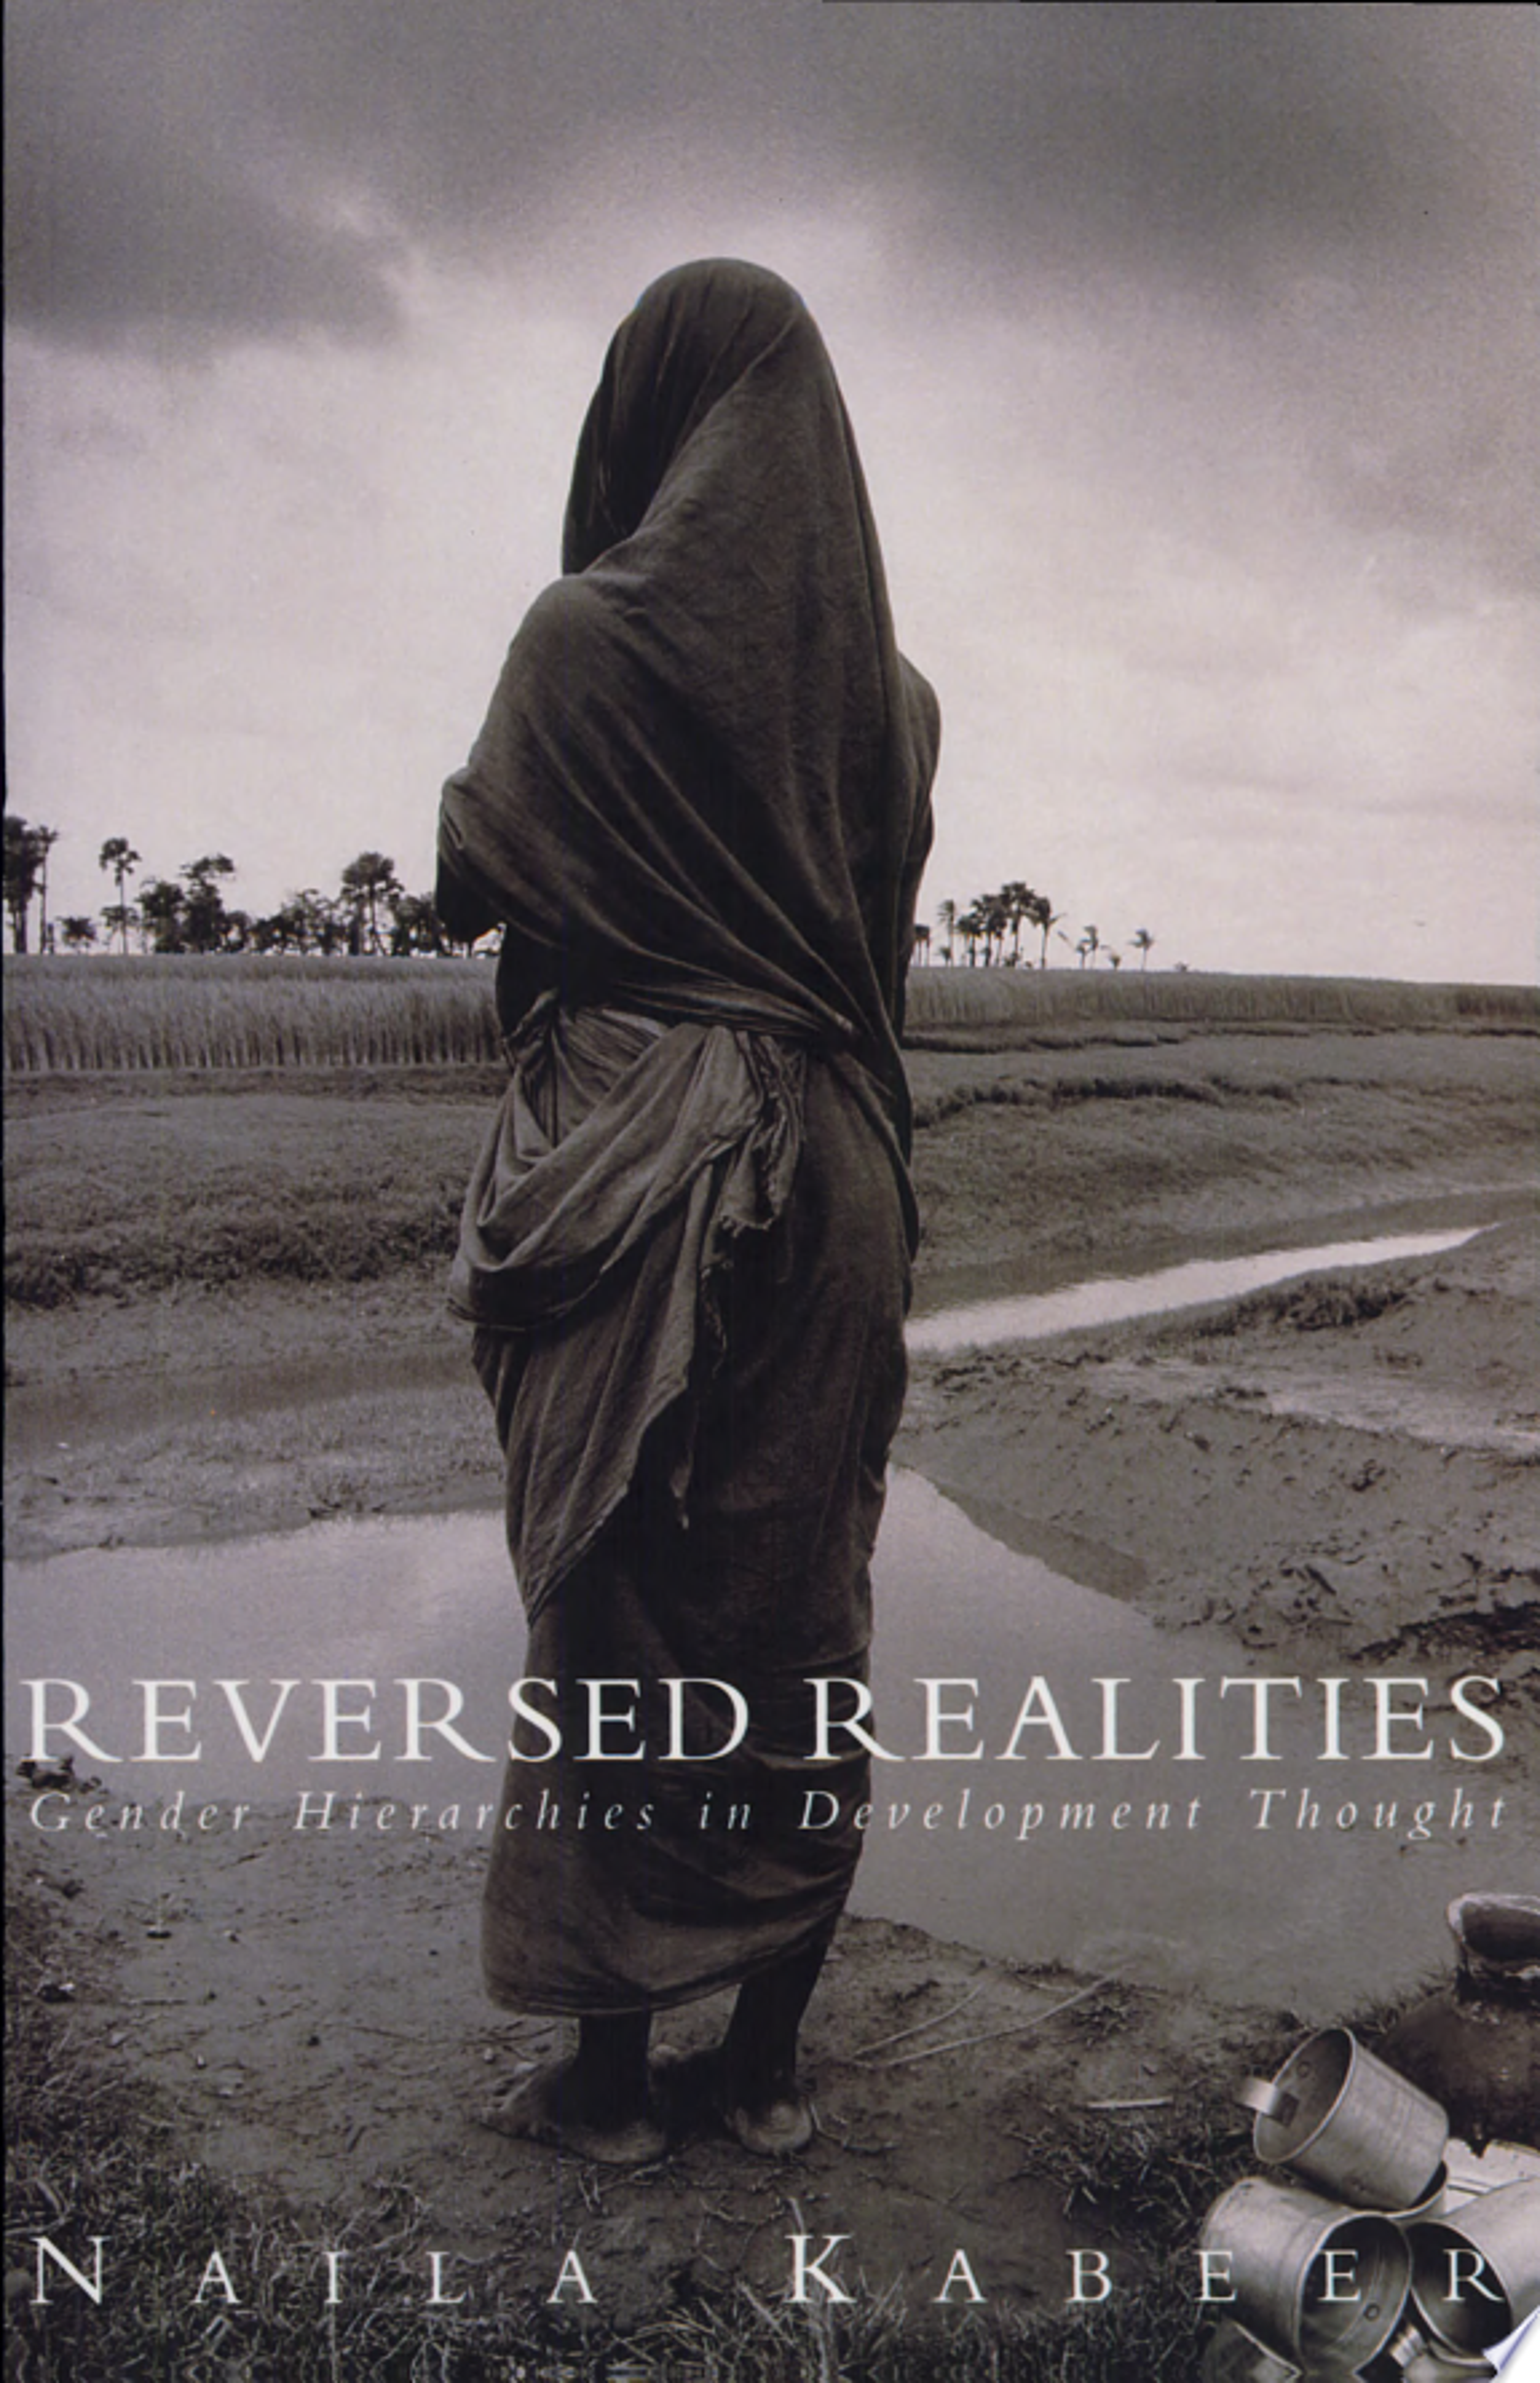 Reversed Realities